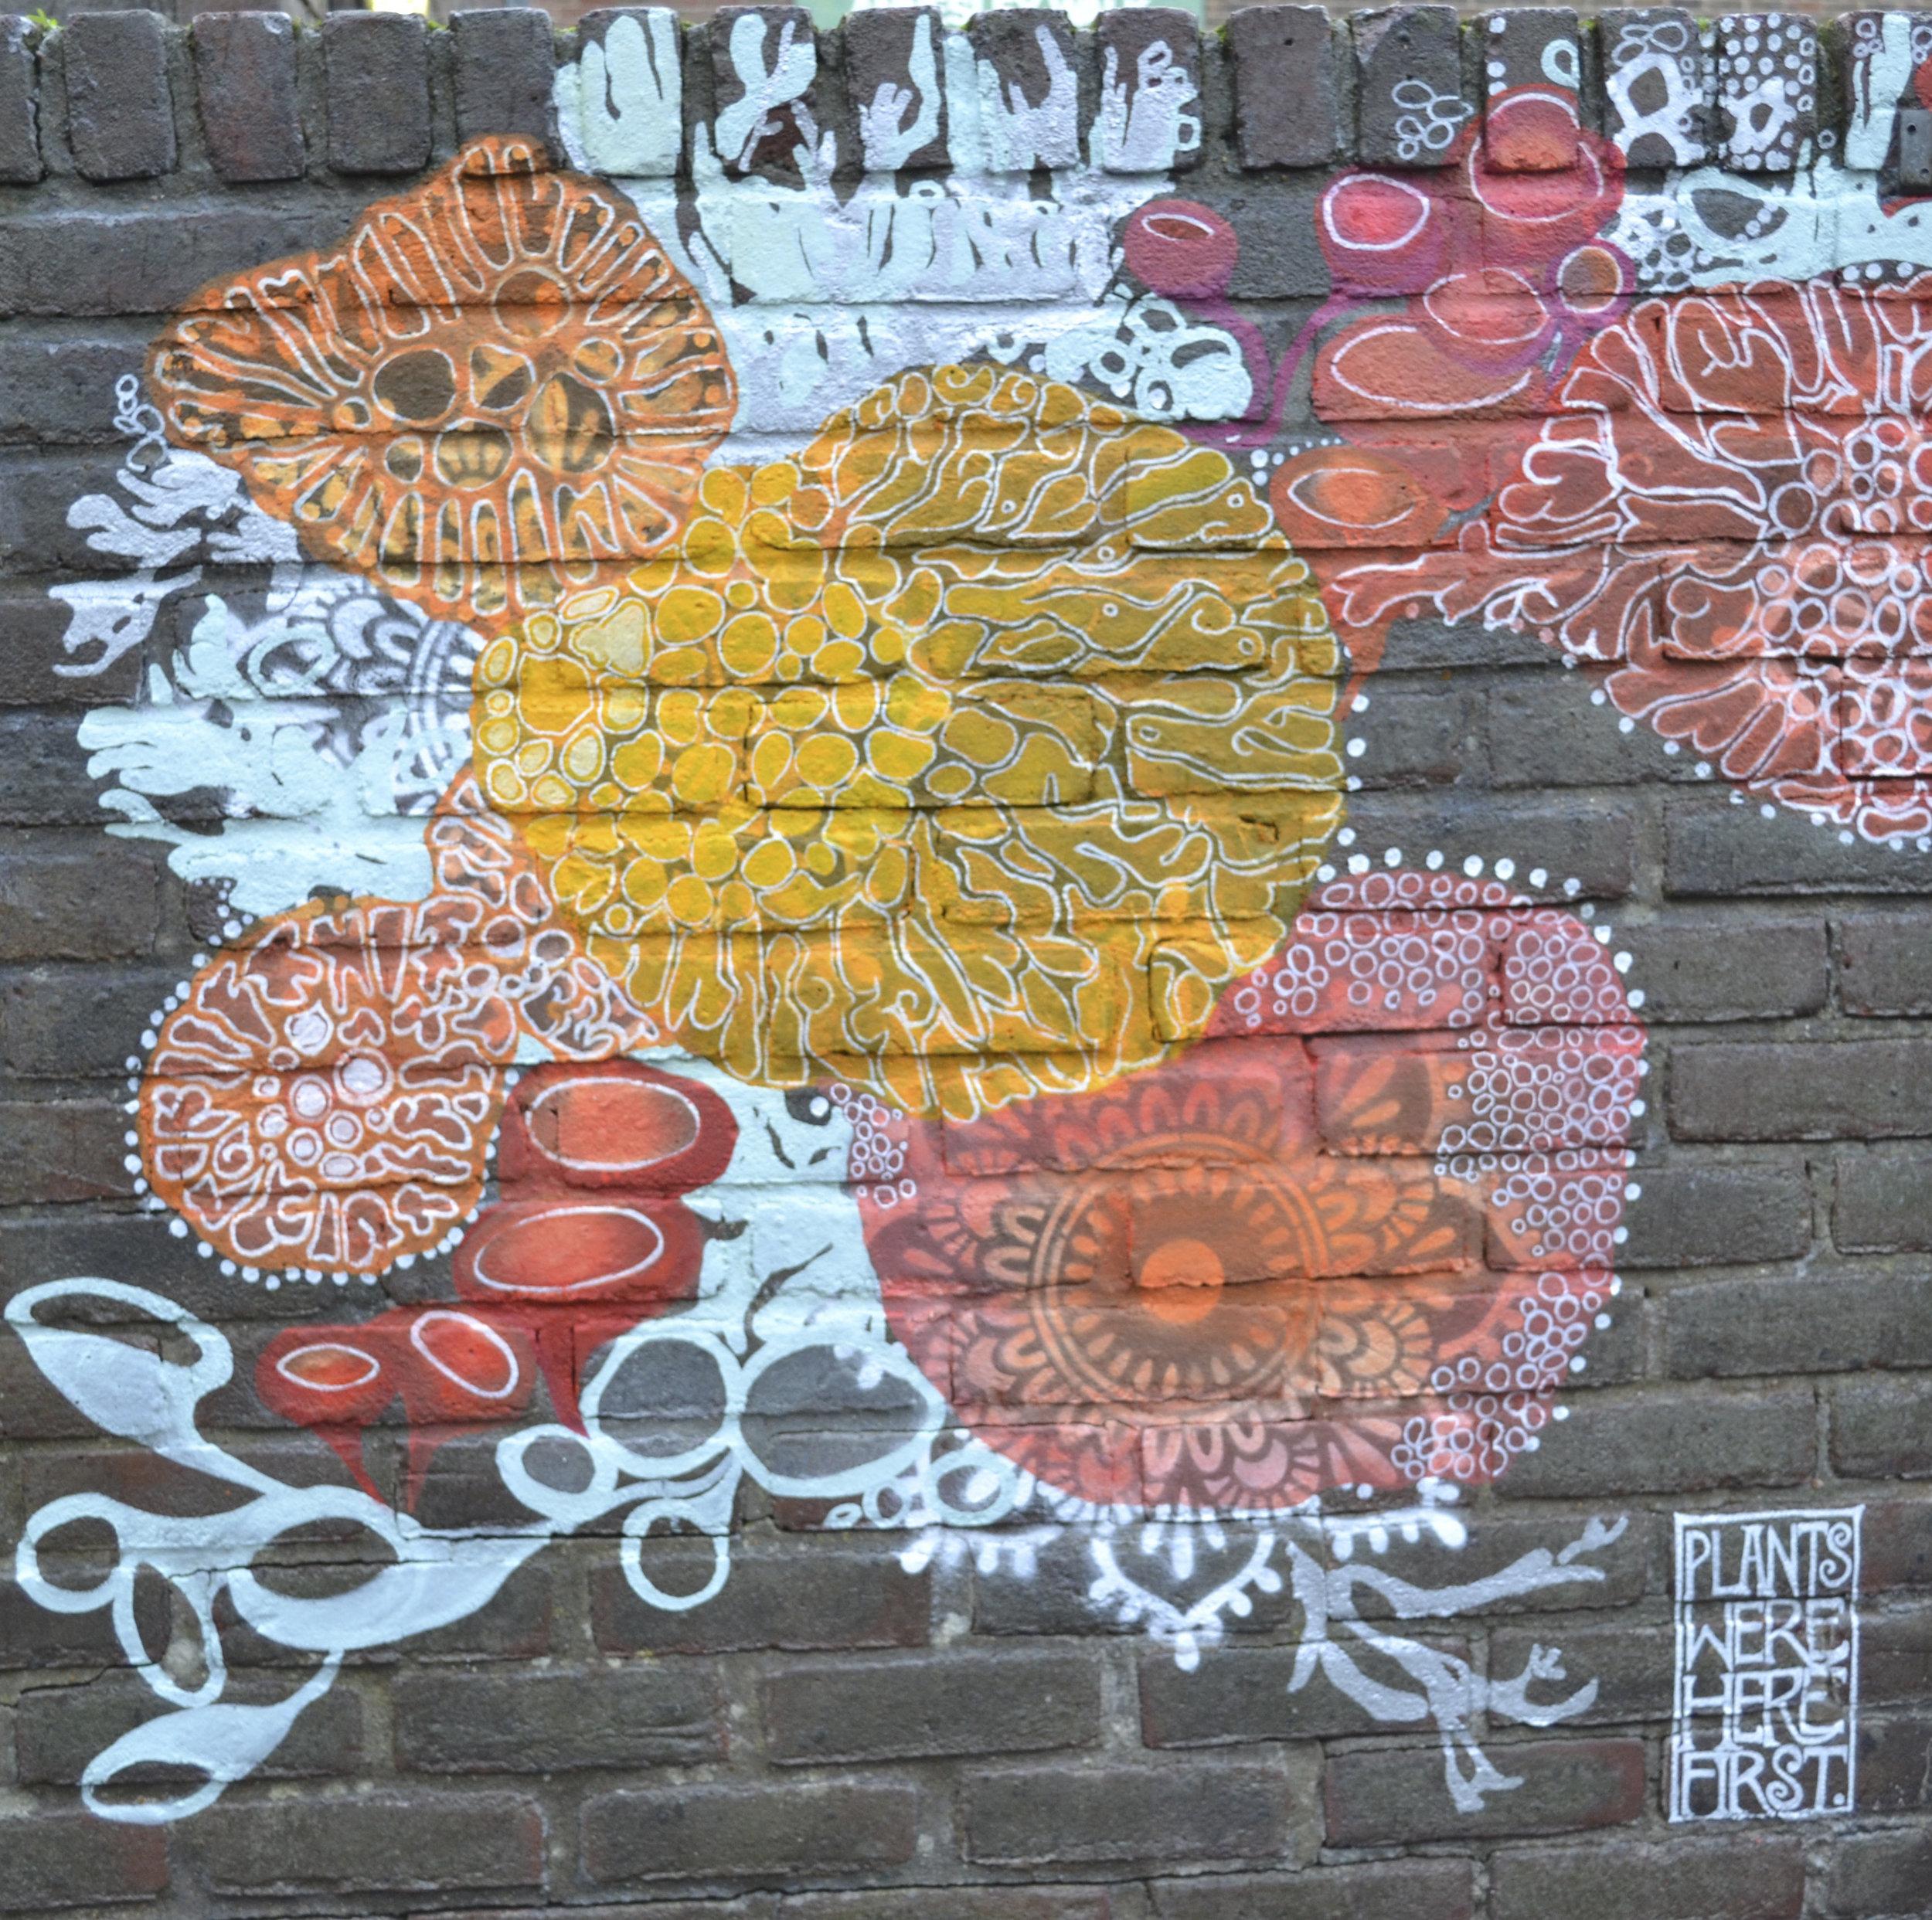 Mural_Libby 5.jpg